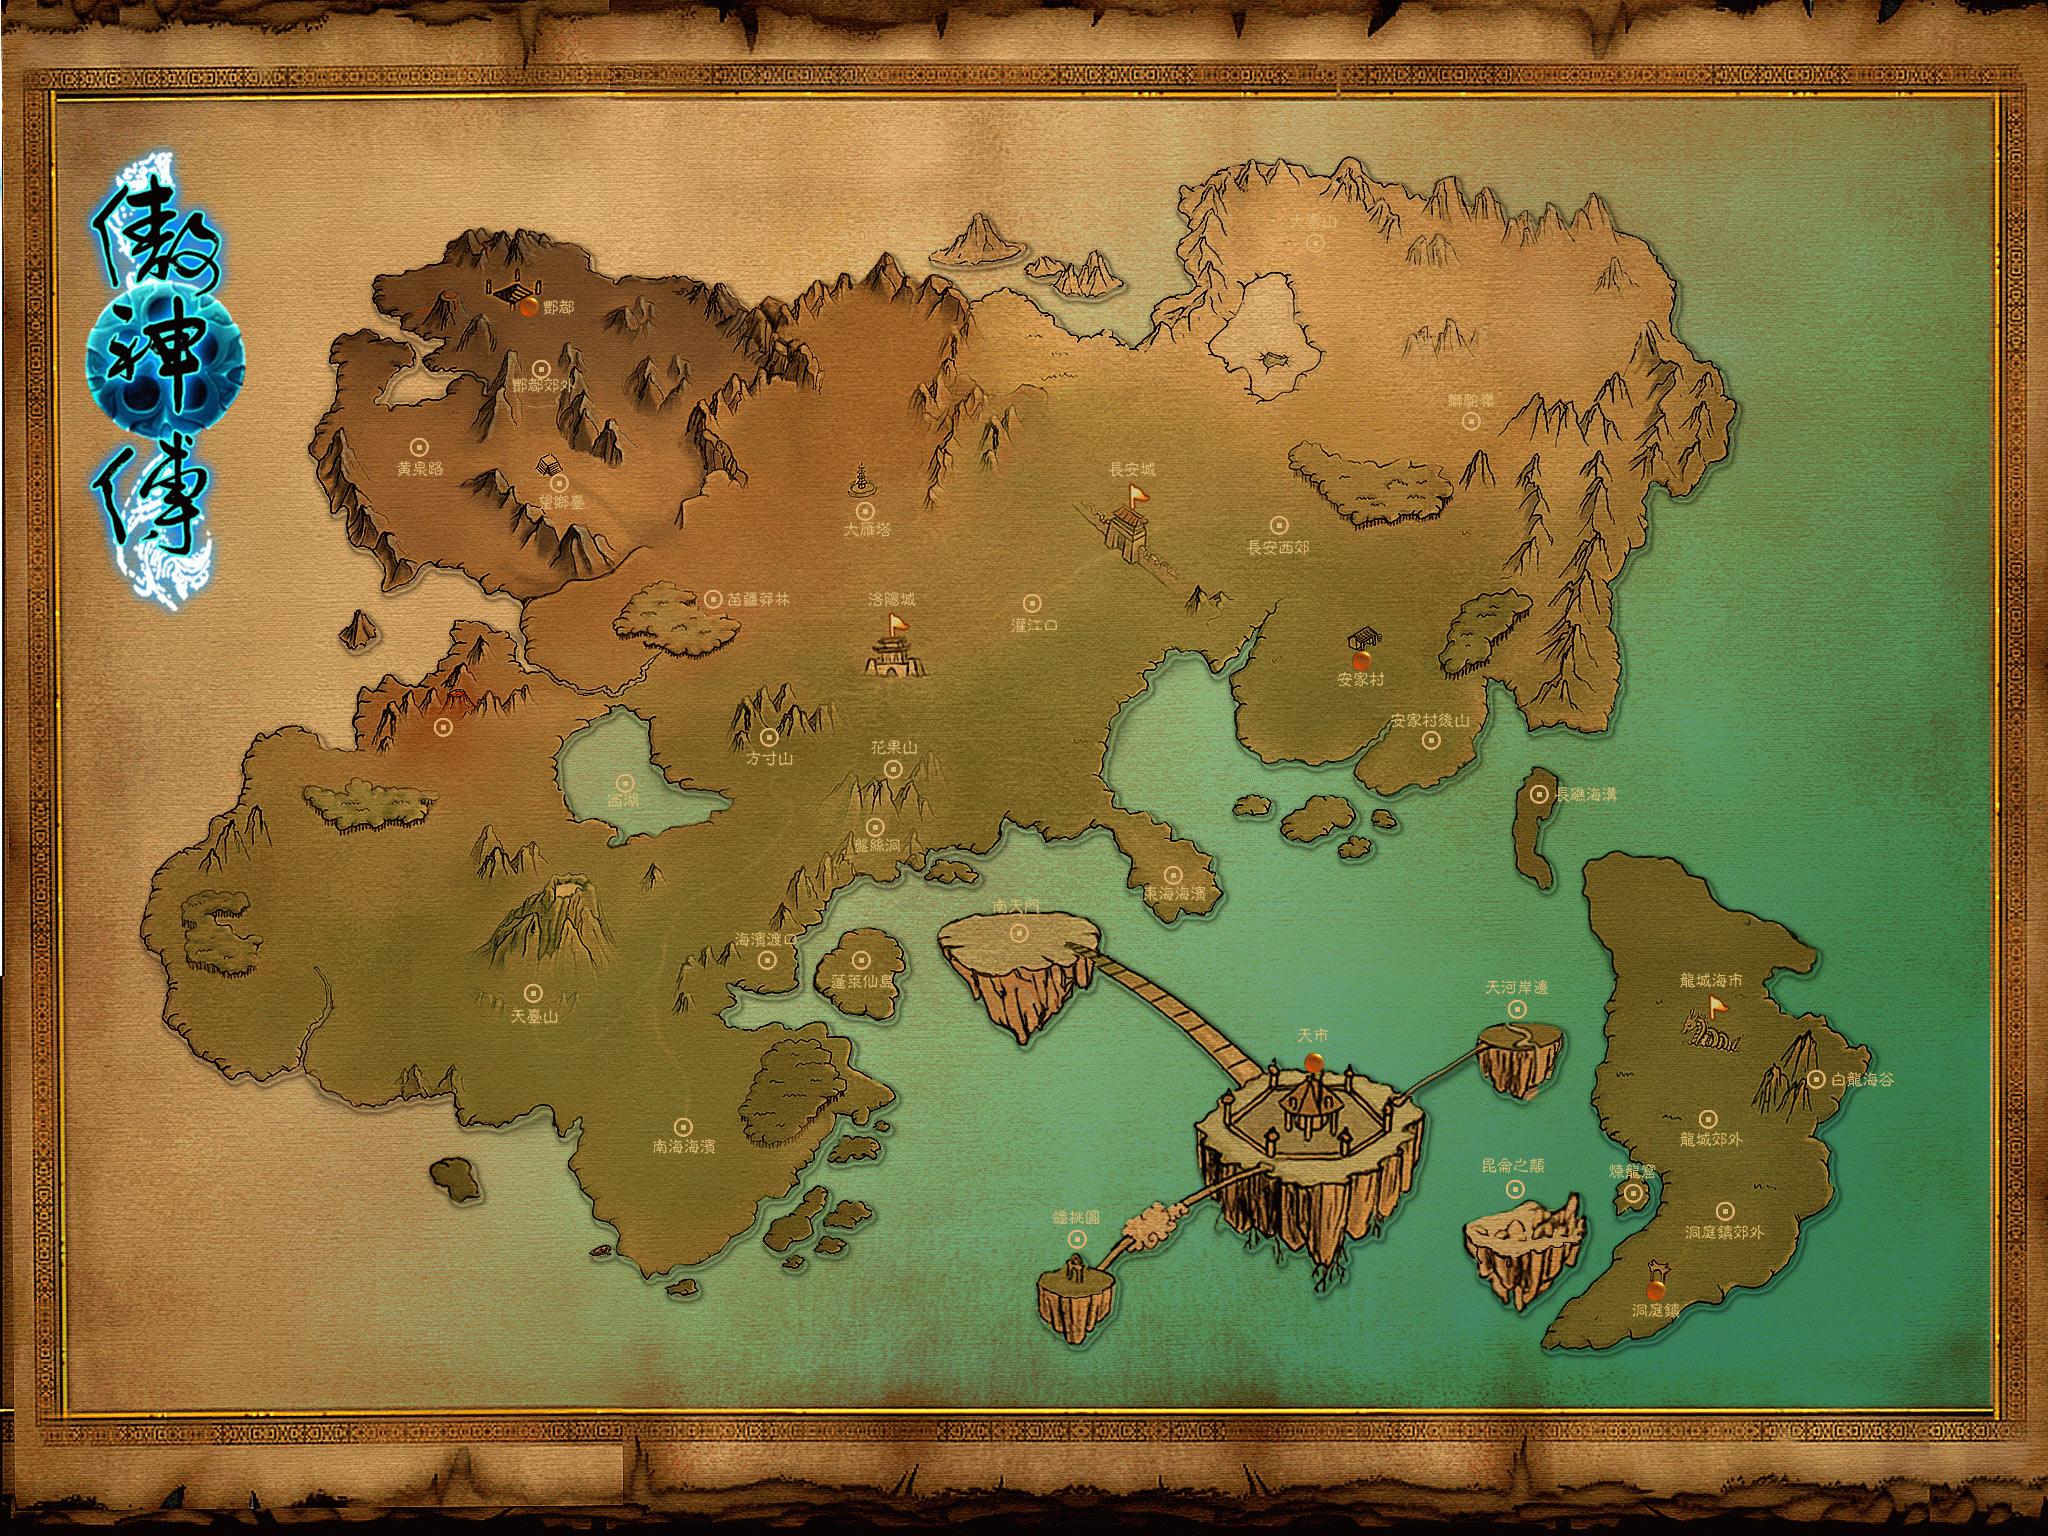 《傲神传》世界地图